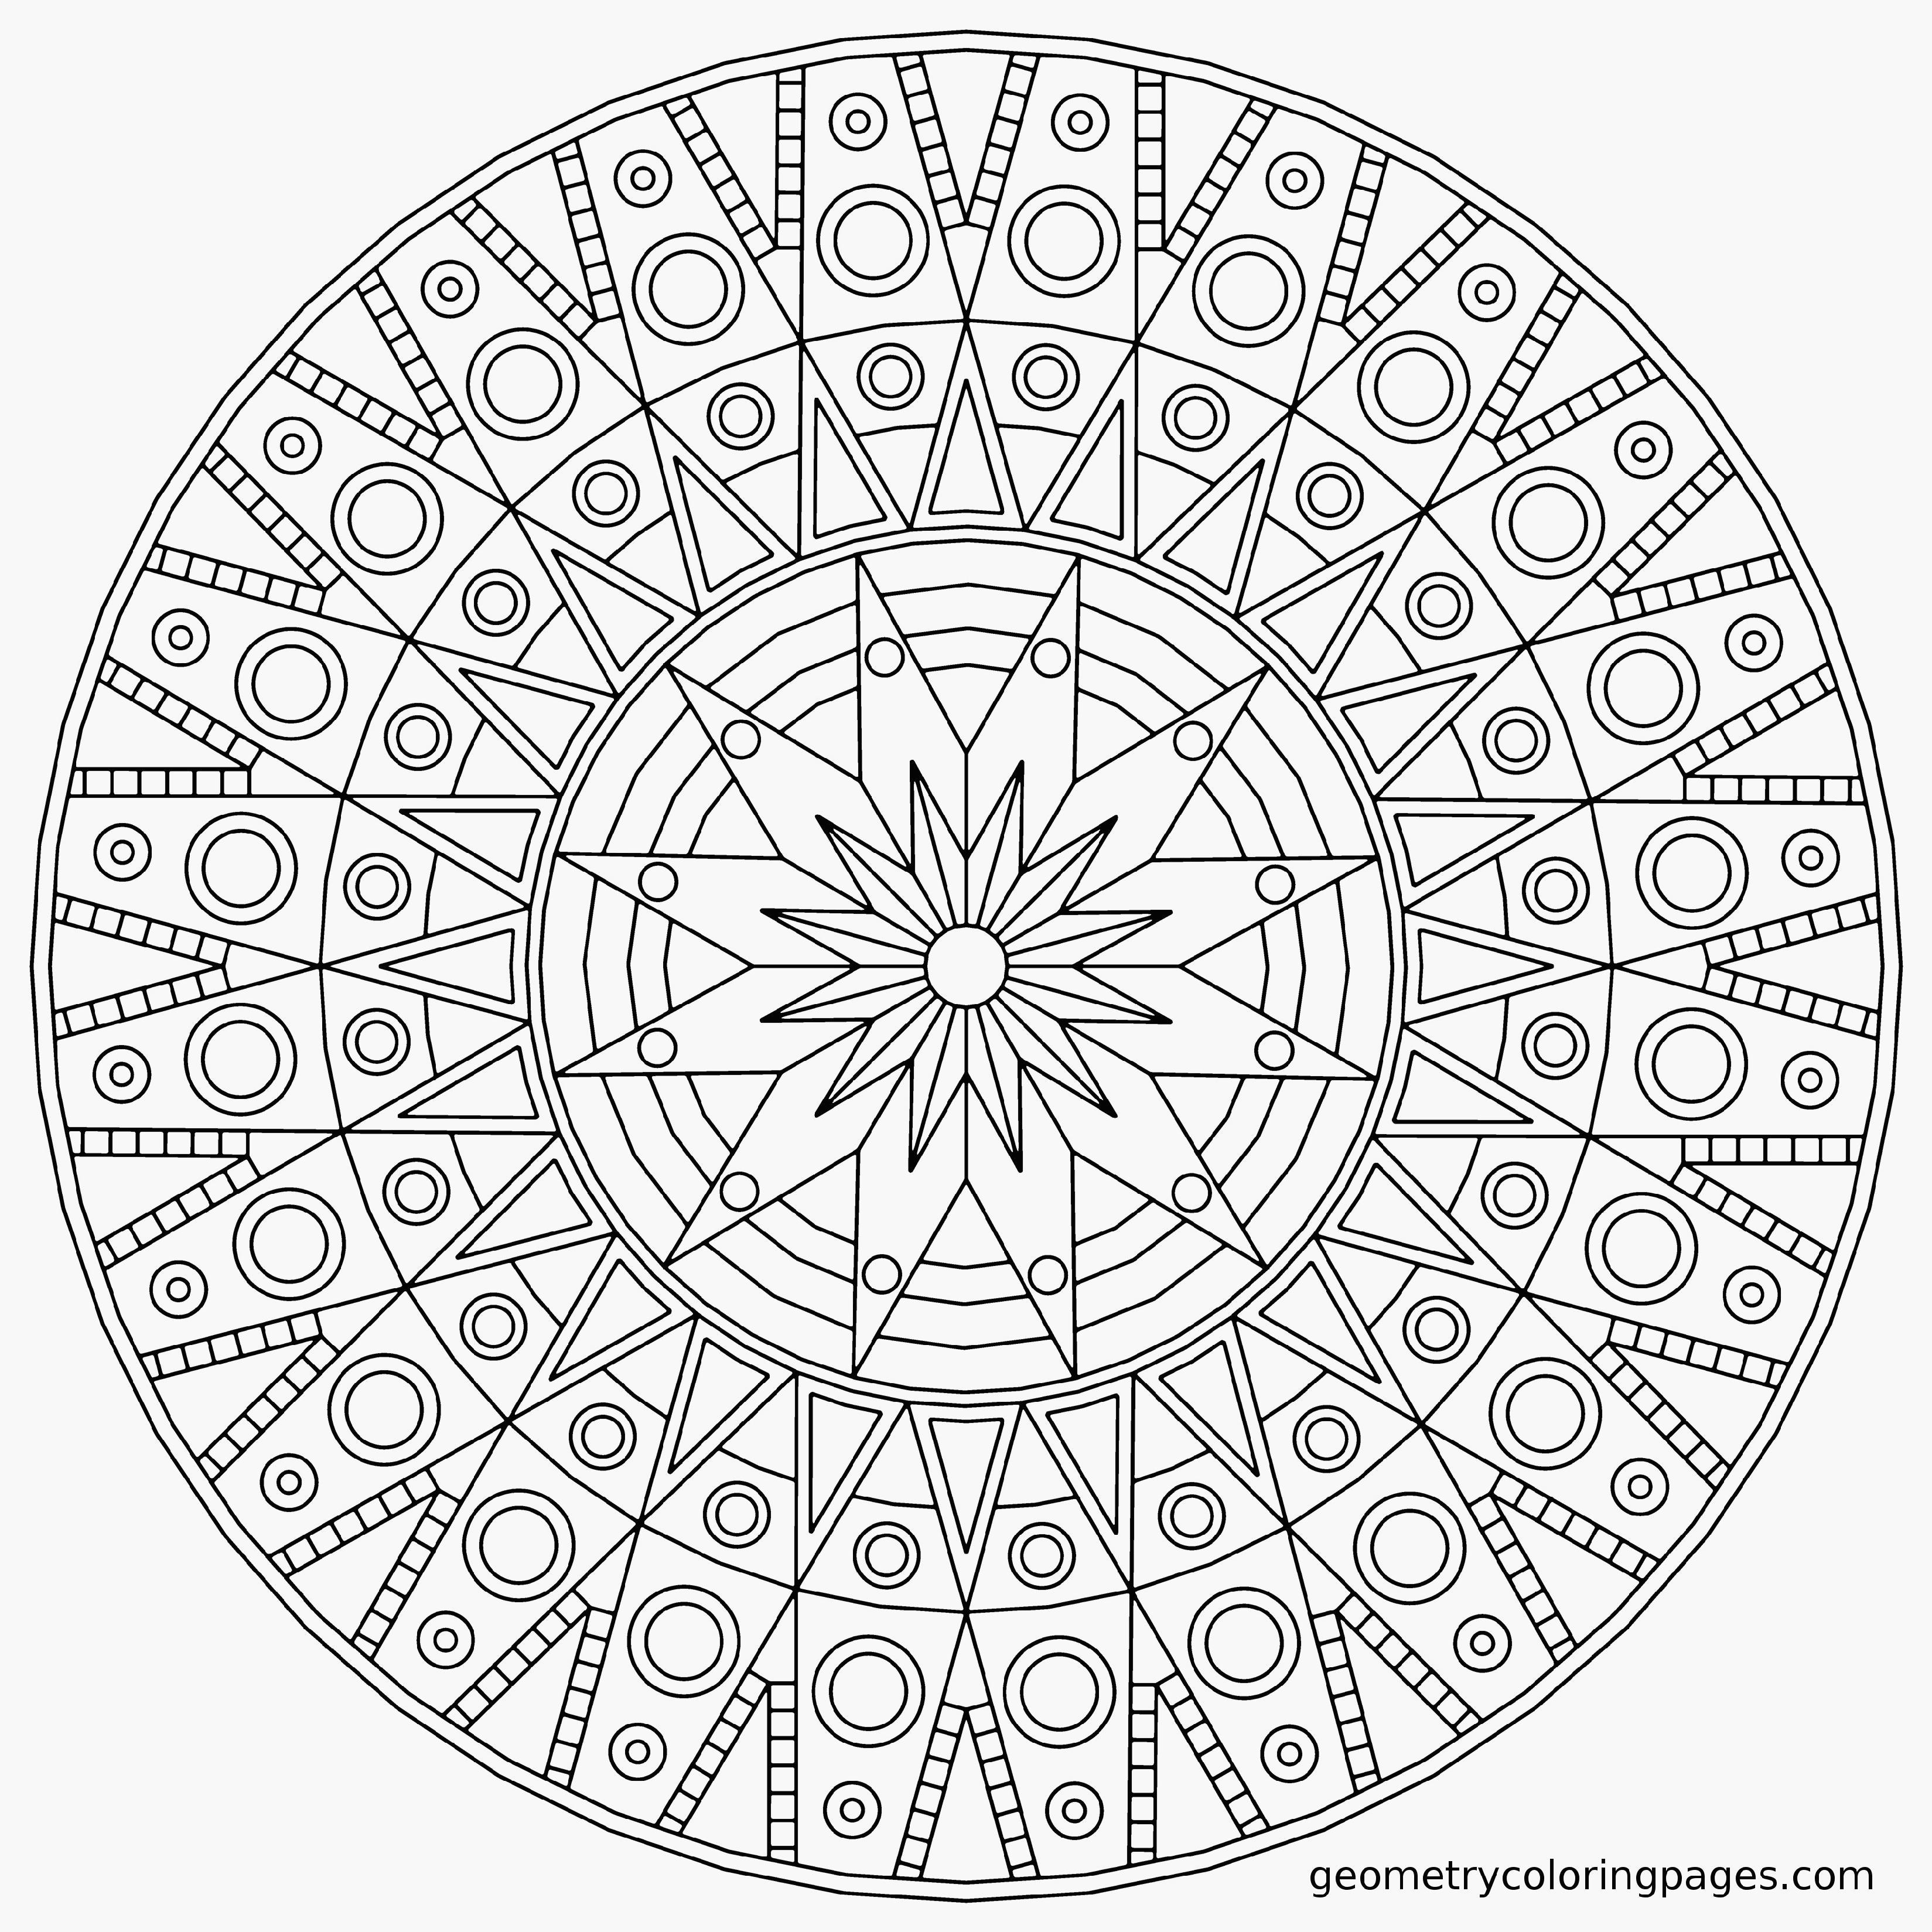 imagens para colorir em alta 4 - Mandalas para Colorir em Alta Qualidade